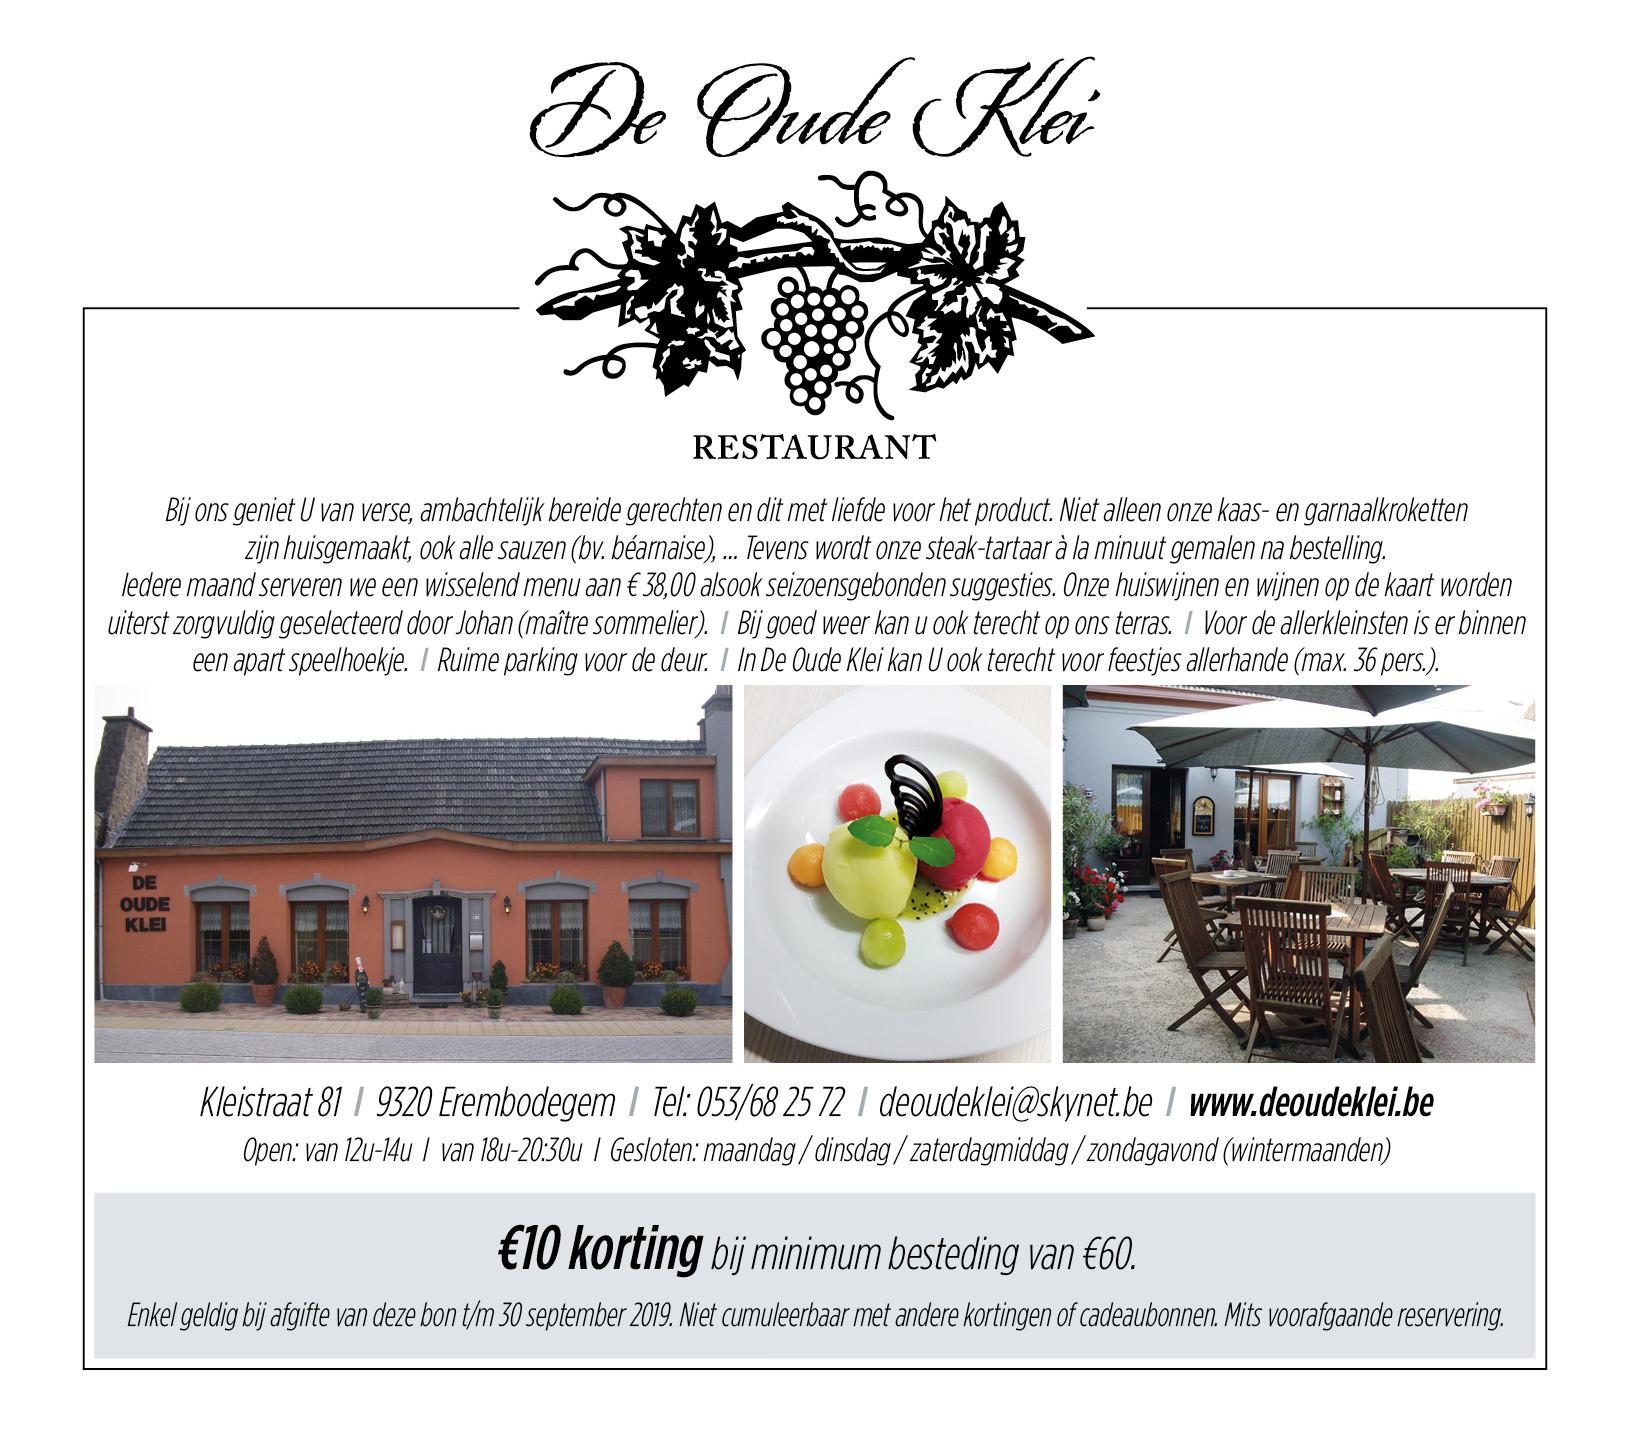 de_oude_klei_restaurant_erembodegem_maart_2019.jpg